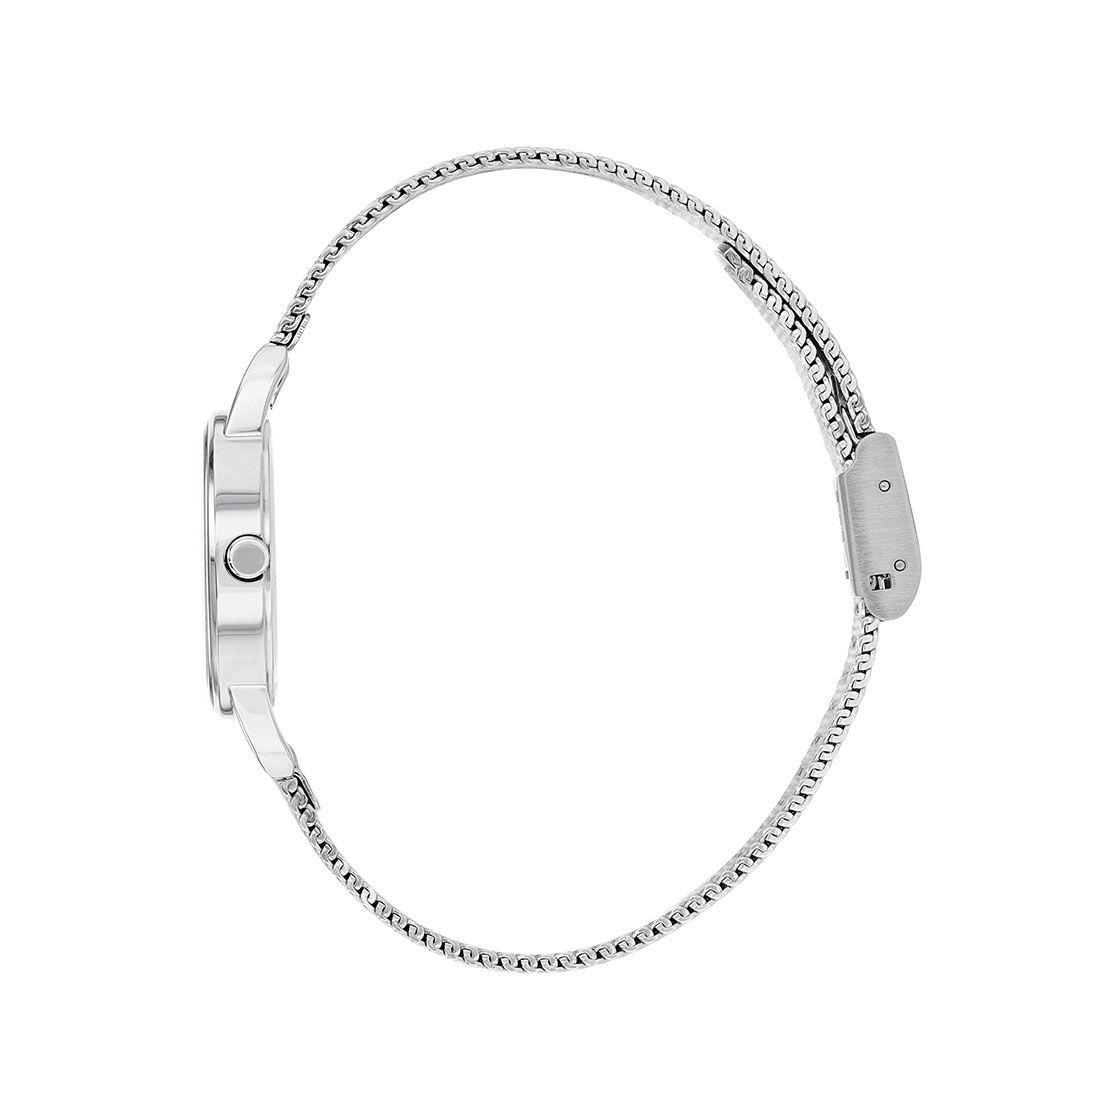 ساعت مچی عقربه ای زنانه سیتی زن مدل EZ7000-50A -  - 5